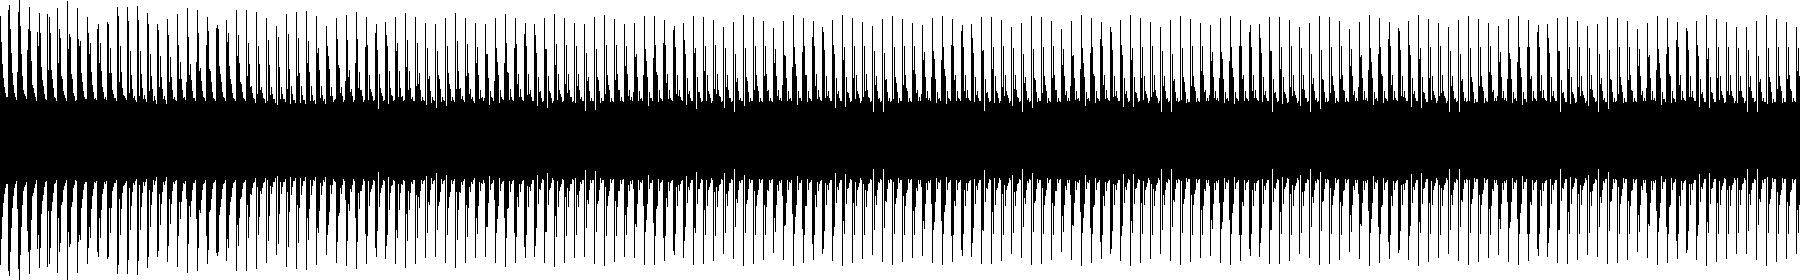 veh2 synths   009 c